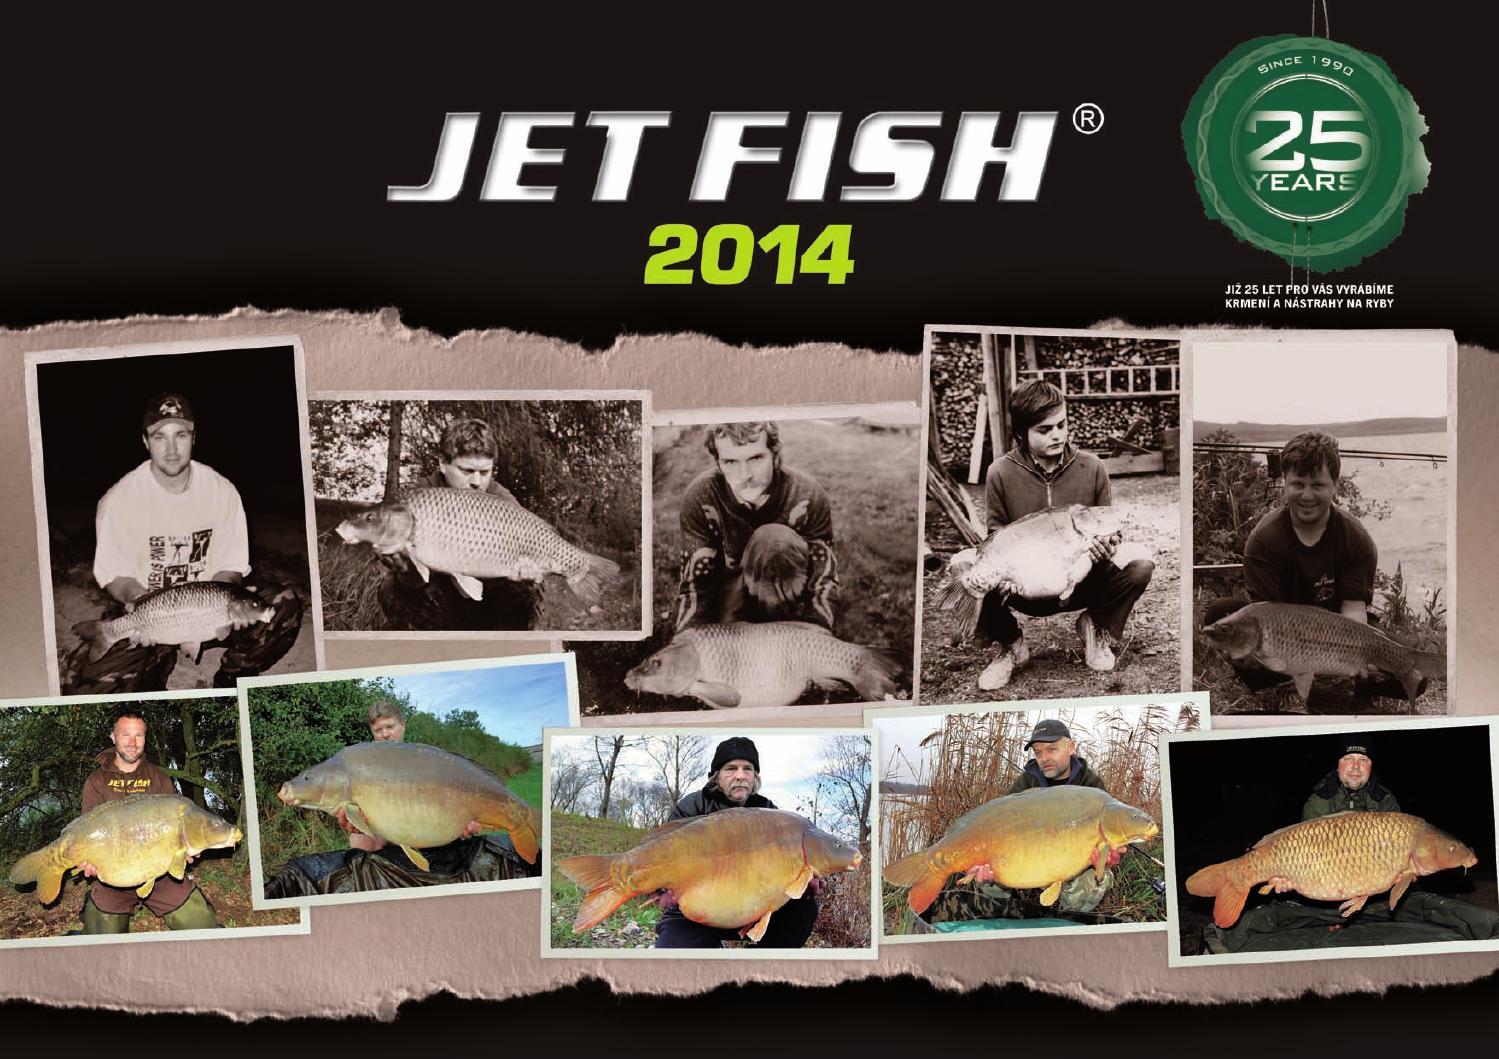 8b6ec444a9d Jetfish 2014 by Veronika Tvrdá - issuu